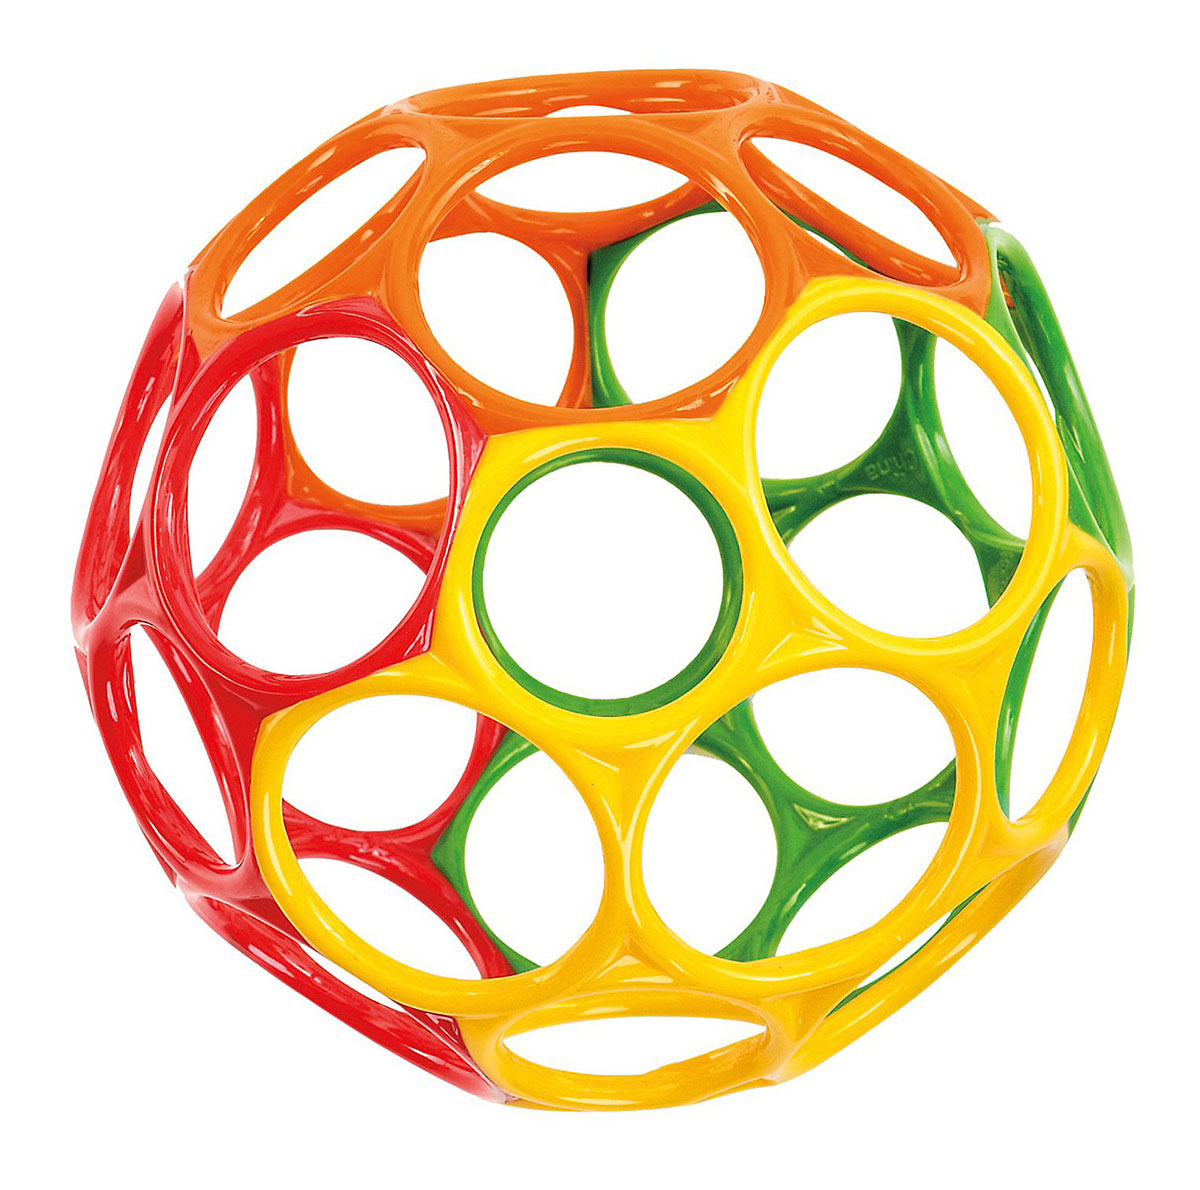 Oball Развивающая игрушка Мячик цвет красный зеленый желтый oball развивающая игрушка twist o round